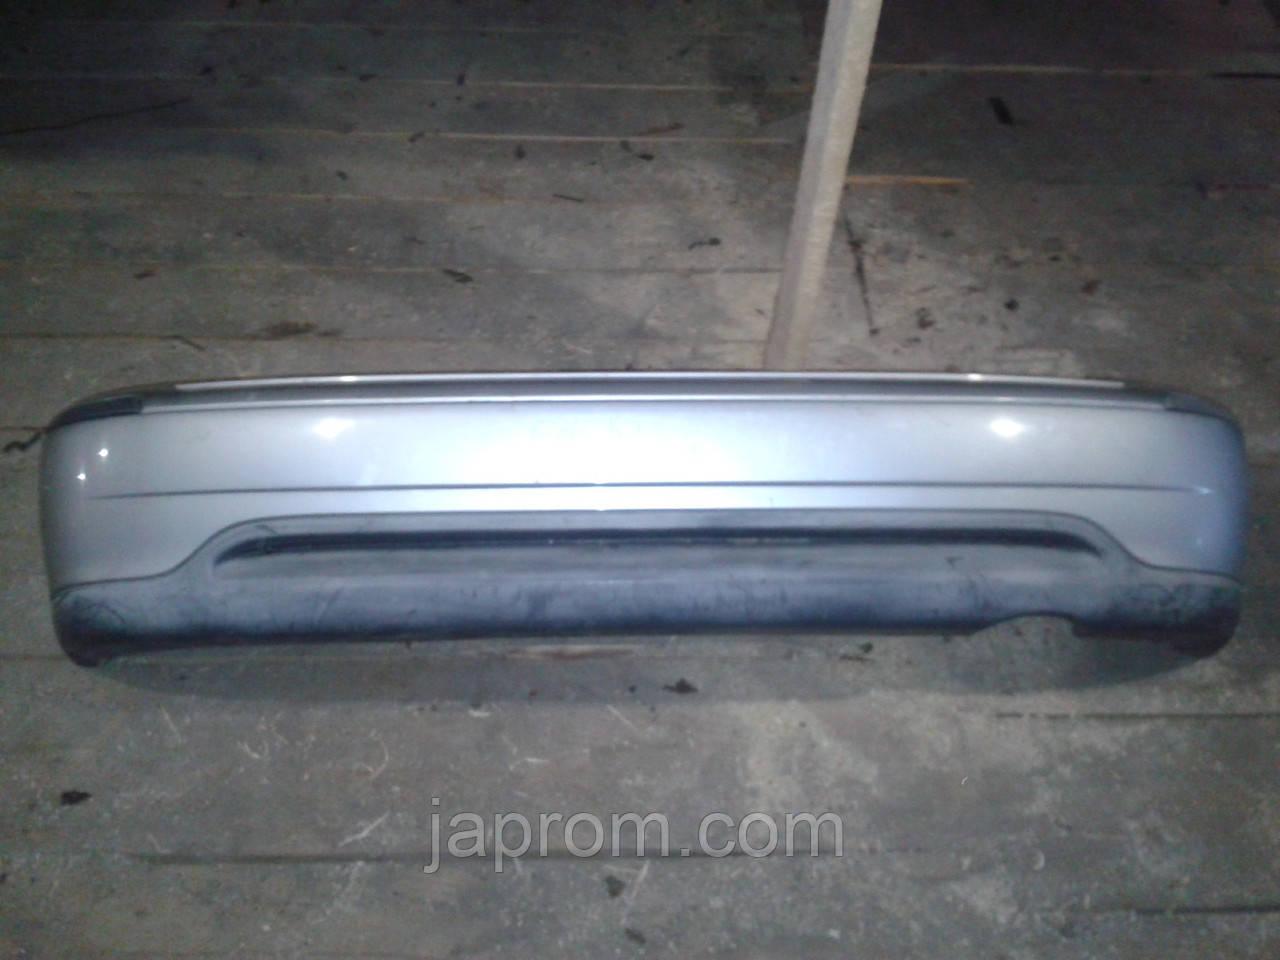 Бампер задний Nissan Micra K11 1992-2002г.в. 5дв. серебро рестайл